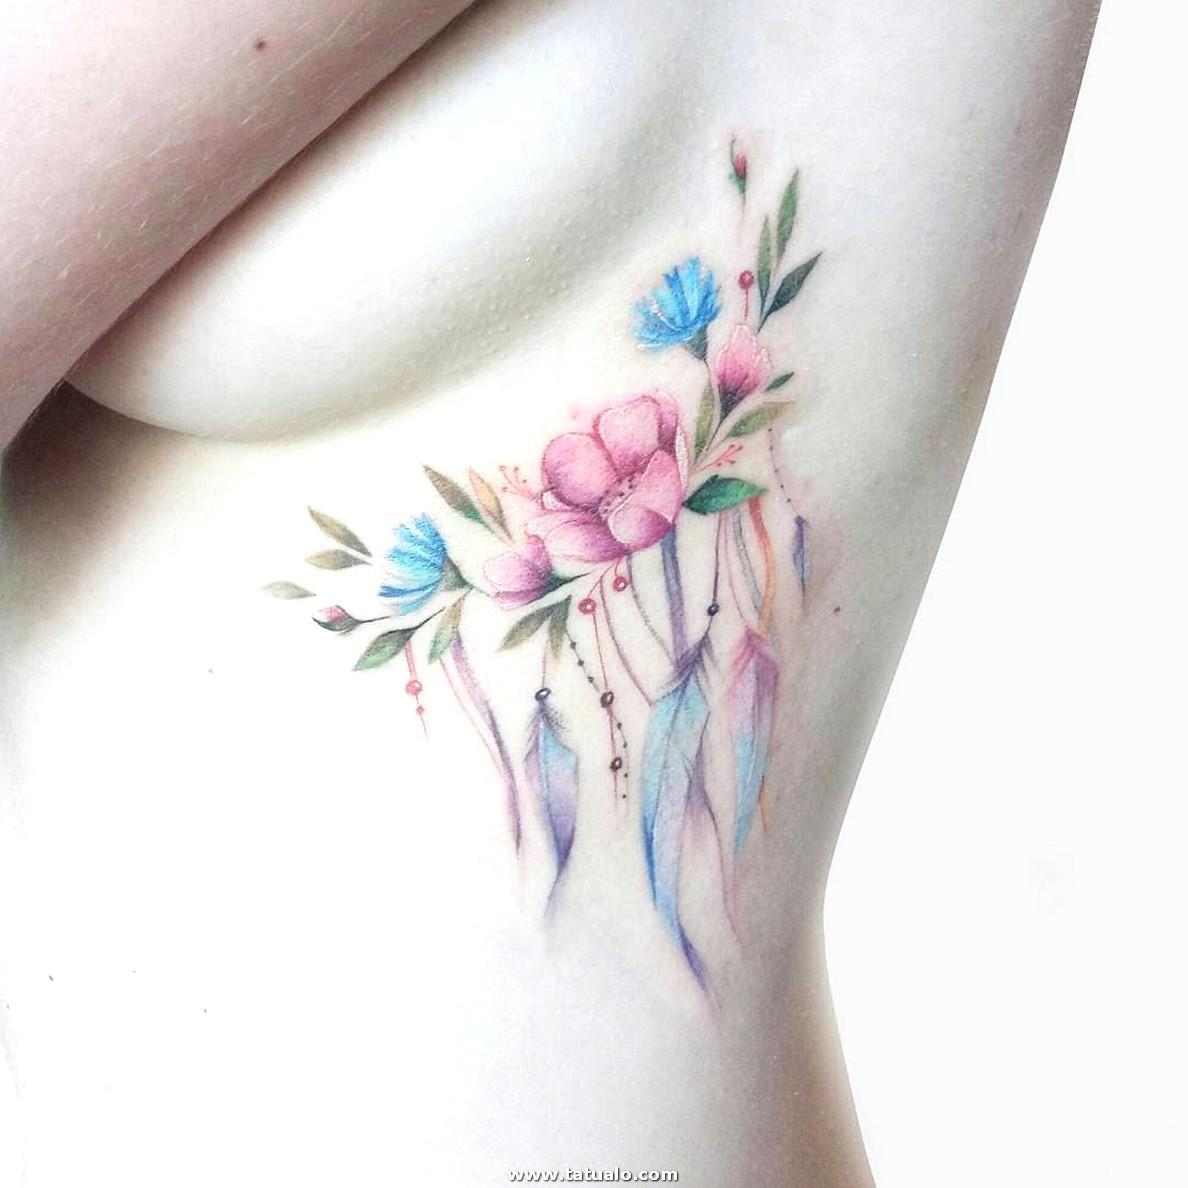 Tatuaje Sensible Y Muy Bonito Para Mujer 116